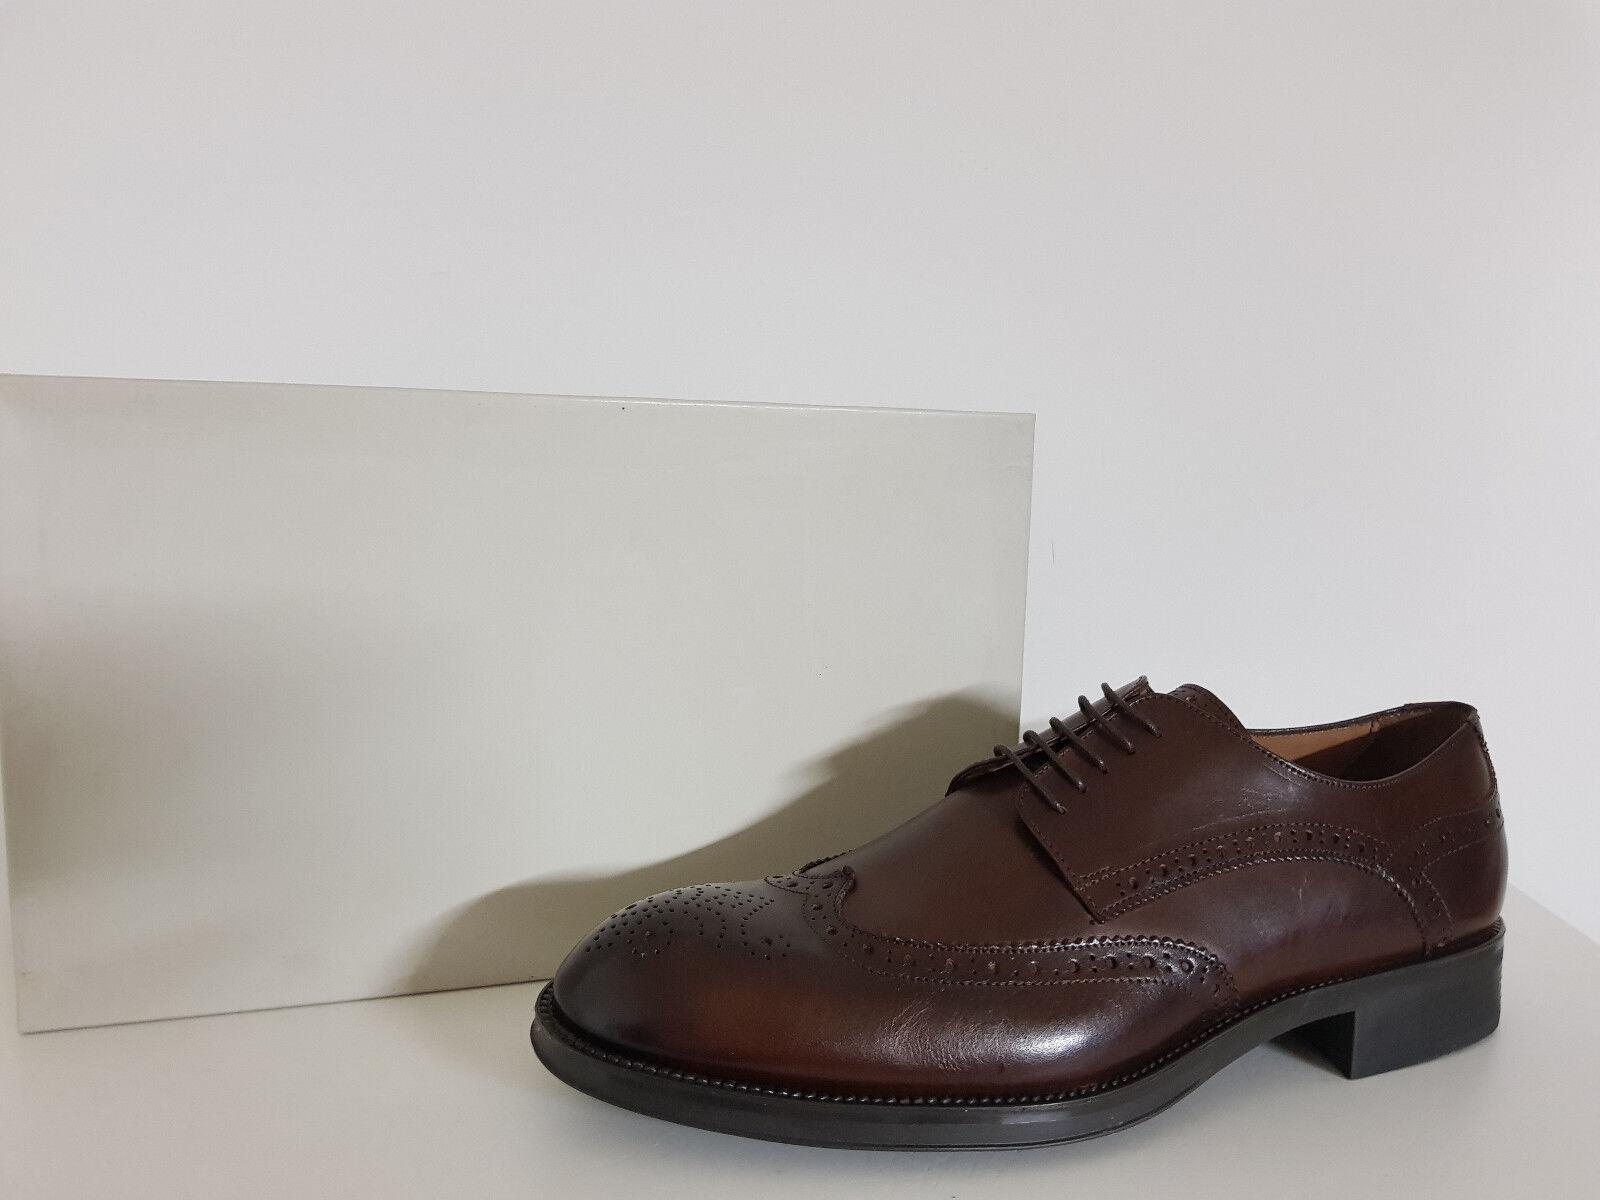 Herren Schuhe Gruppo Clark Rabatt. - 70%Nr. R2212 Far. Leder